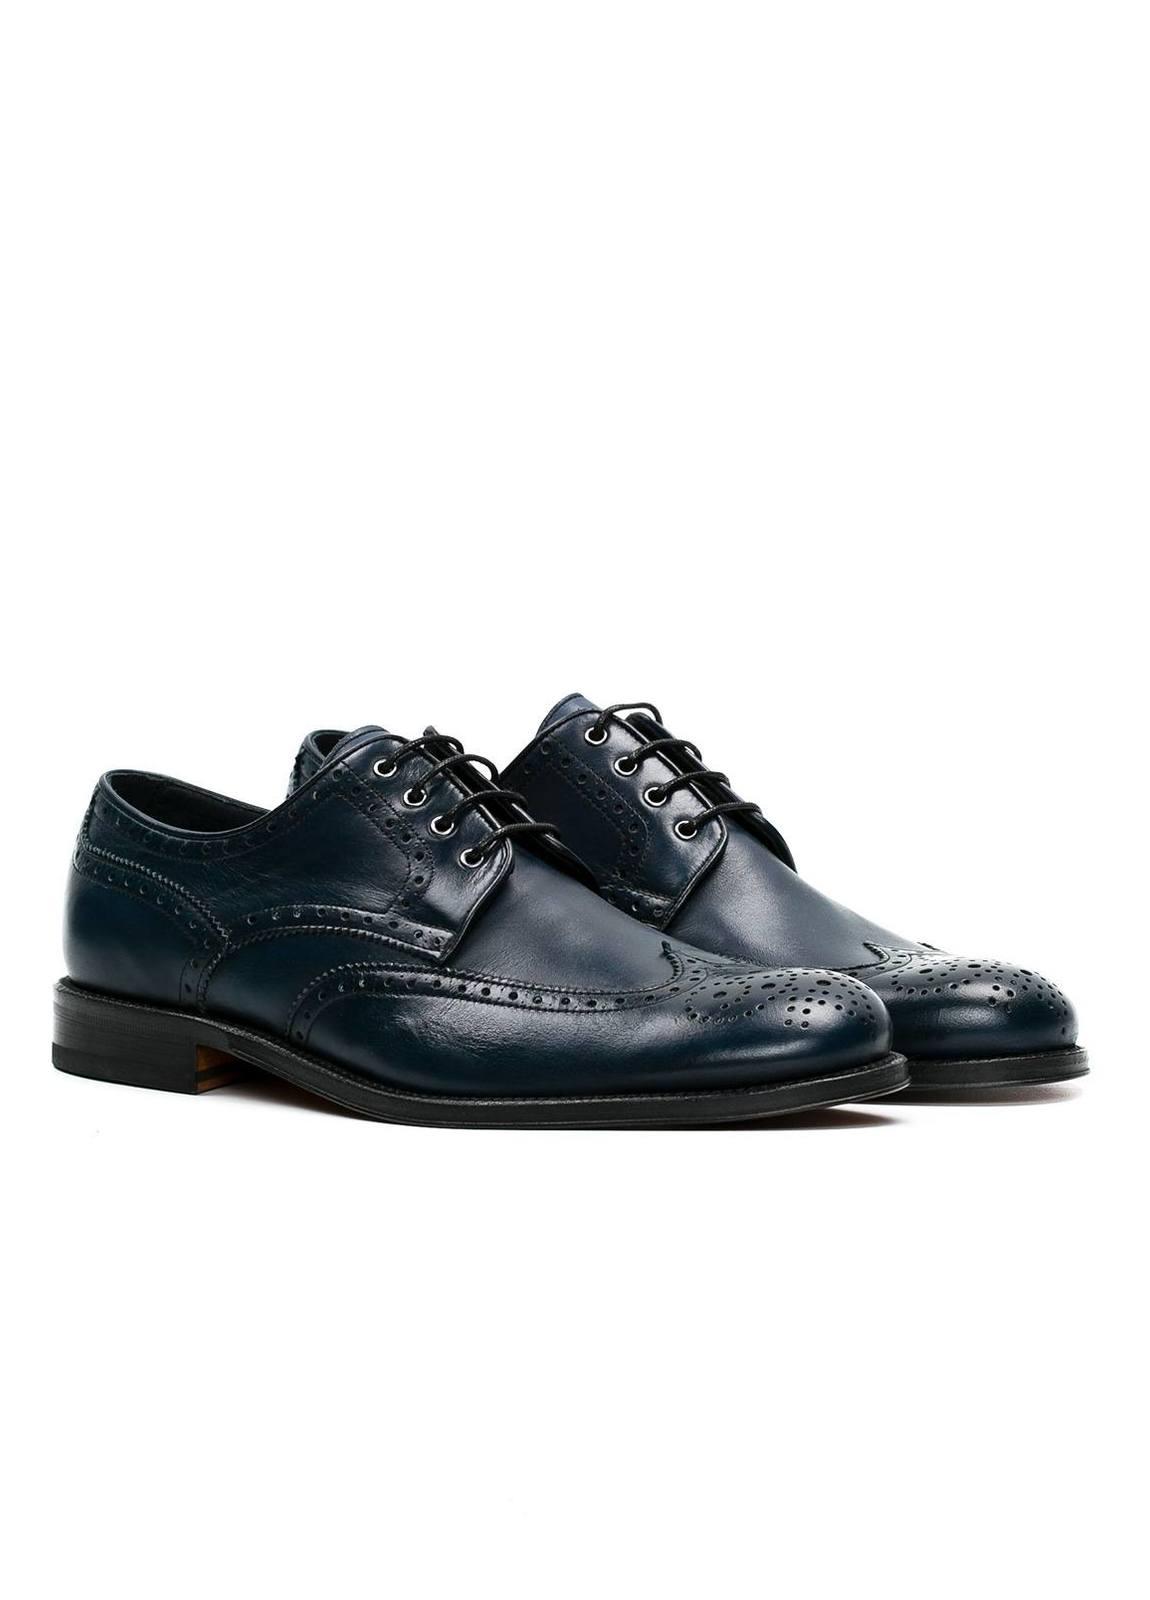 Zapato Formal Wear color azul marino con detalles troquelados, 100% Piel. - Ítem2